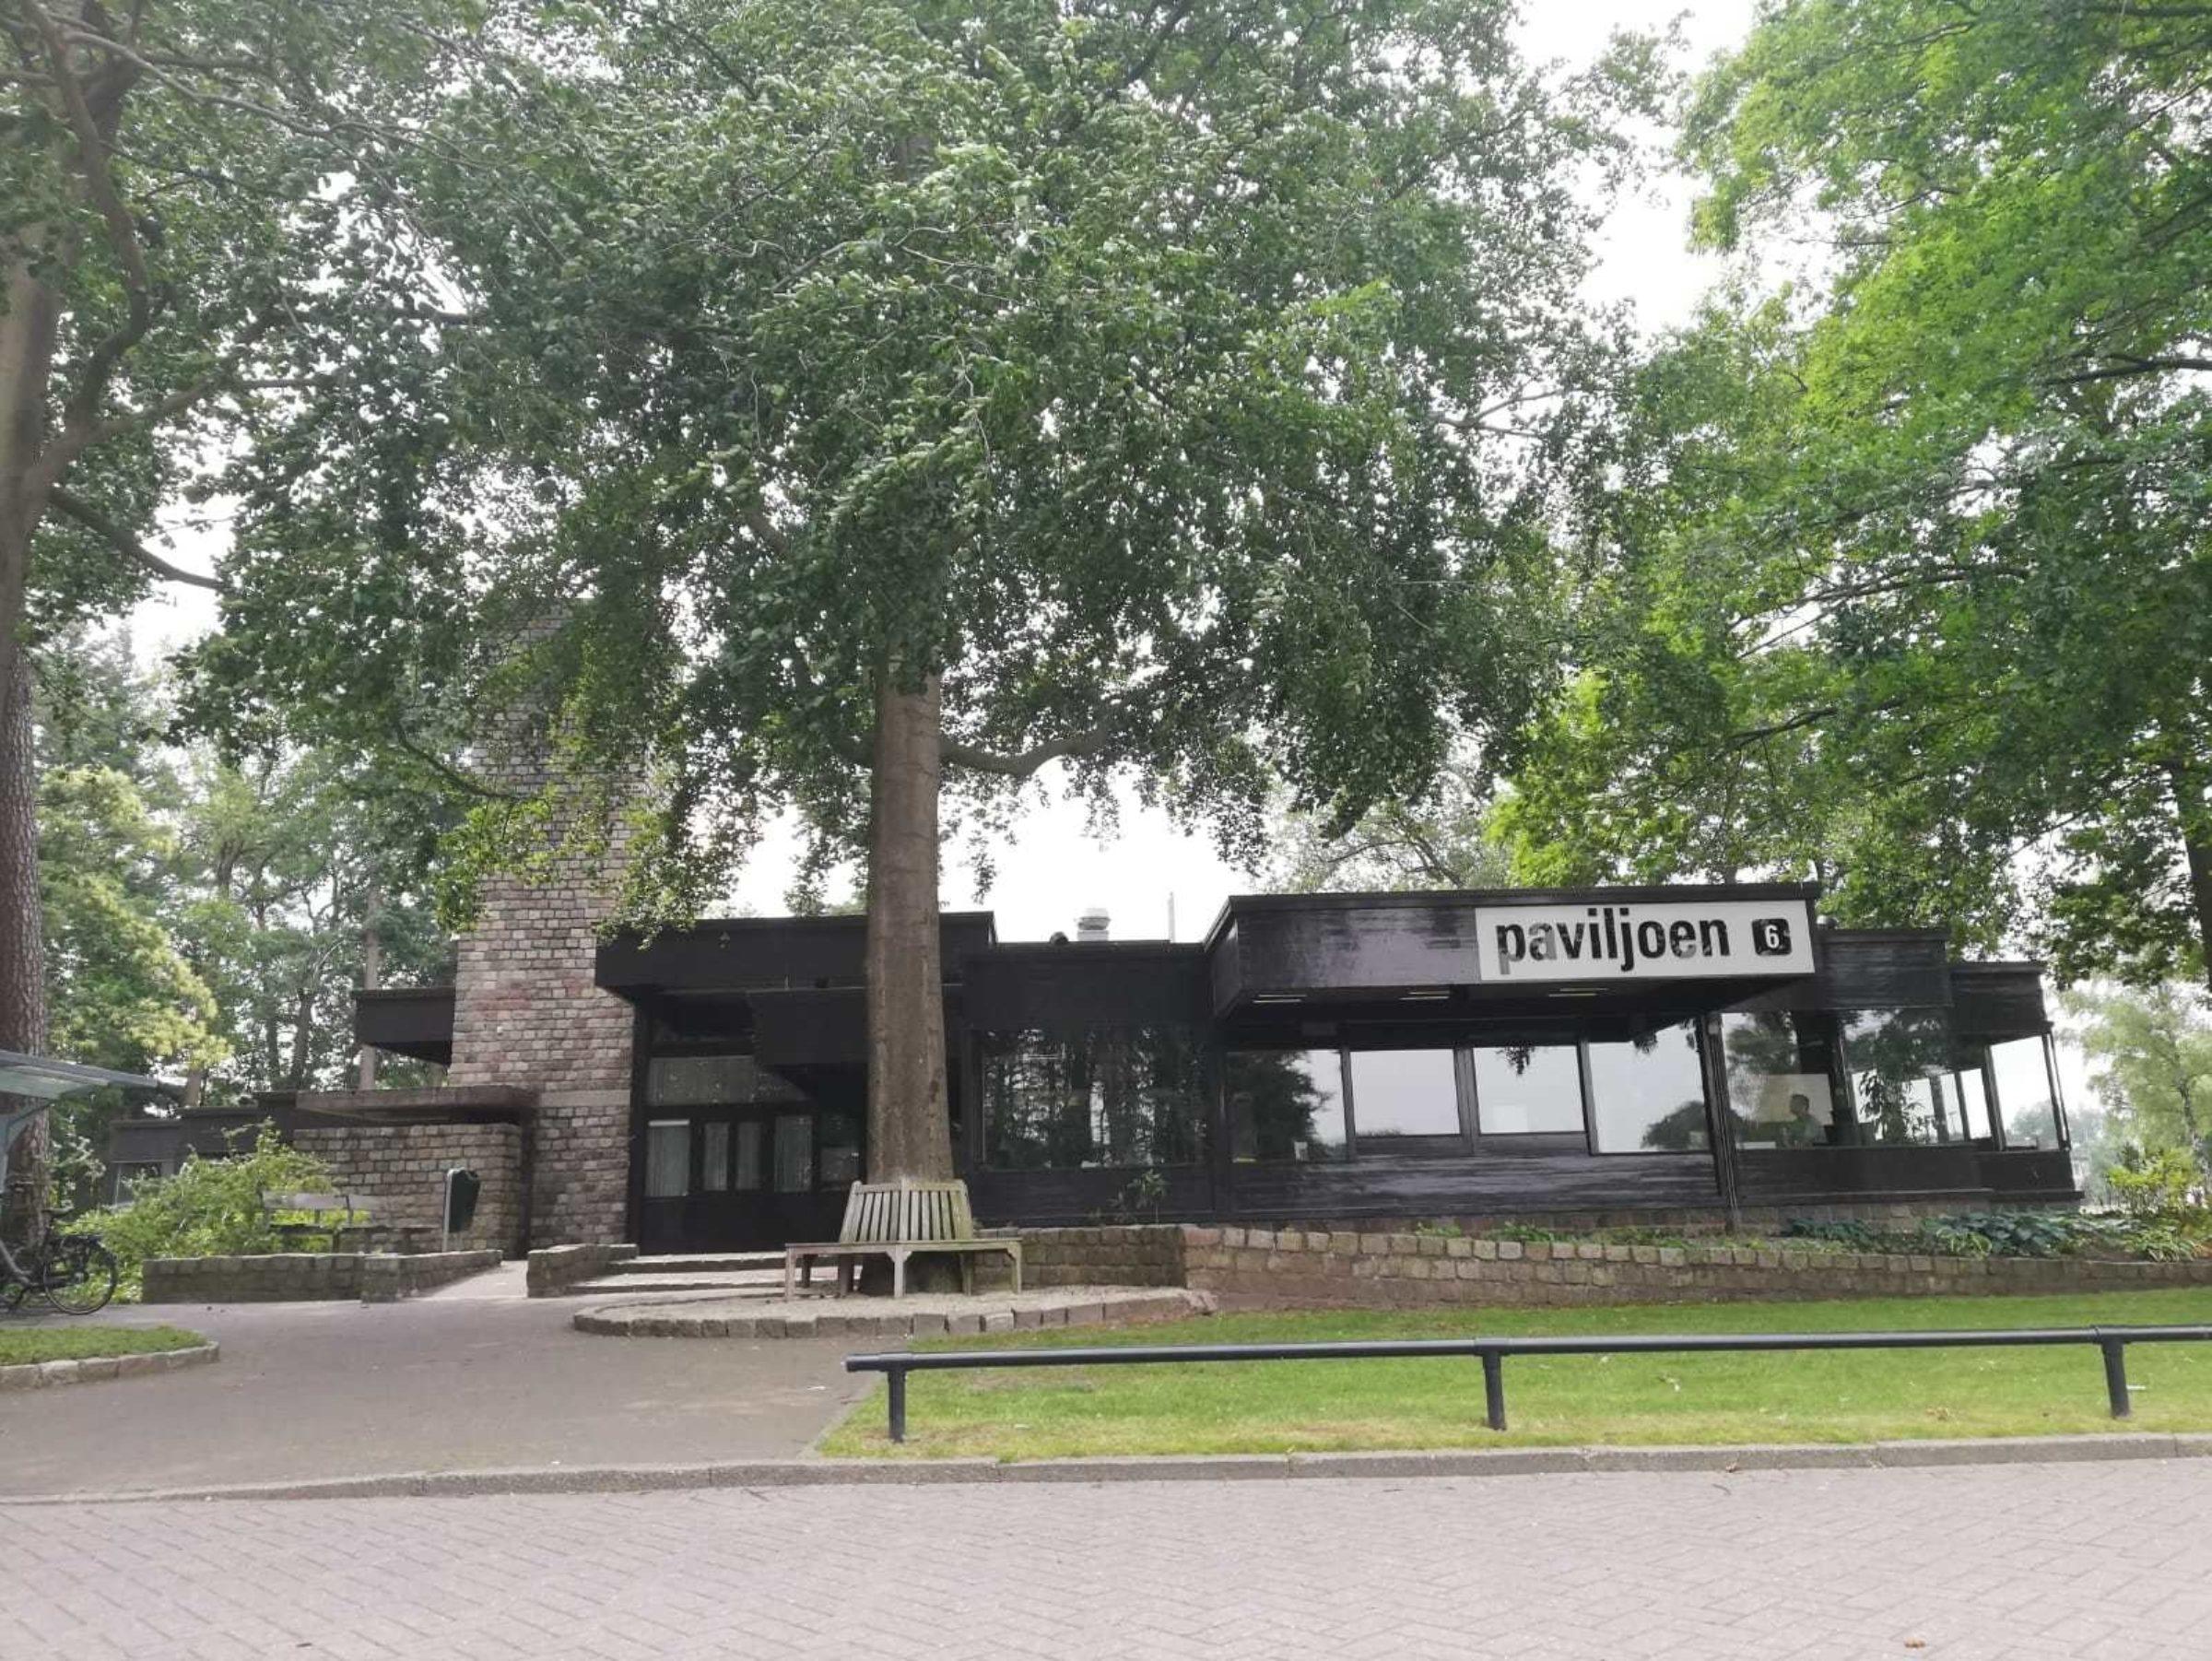 2019 Marscha Nijhuis Paviljoen